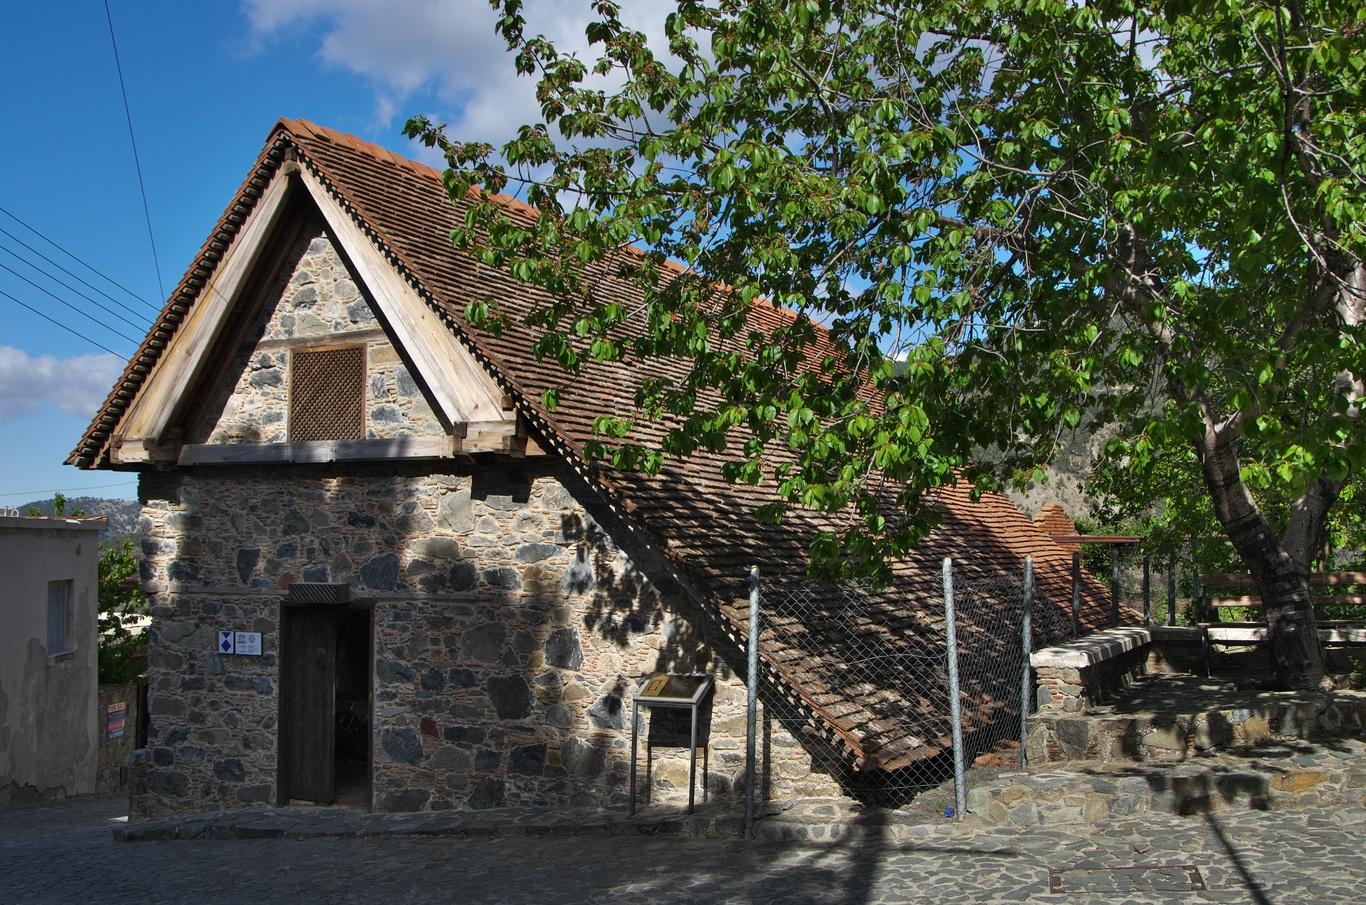 Kostel Archanděla Michaela v obci Pedoulas